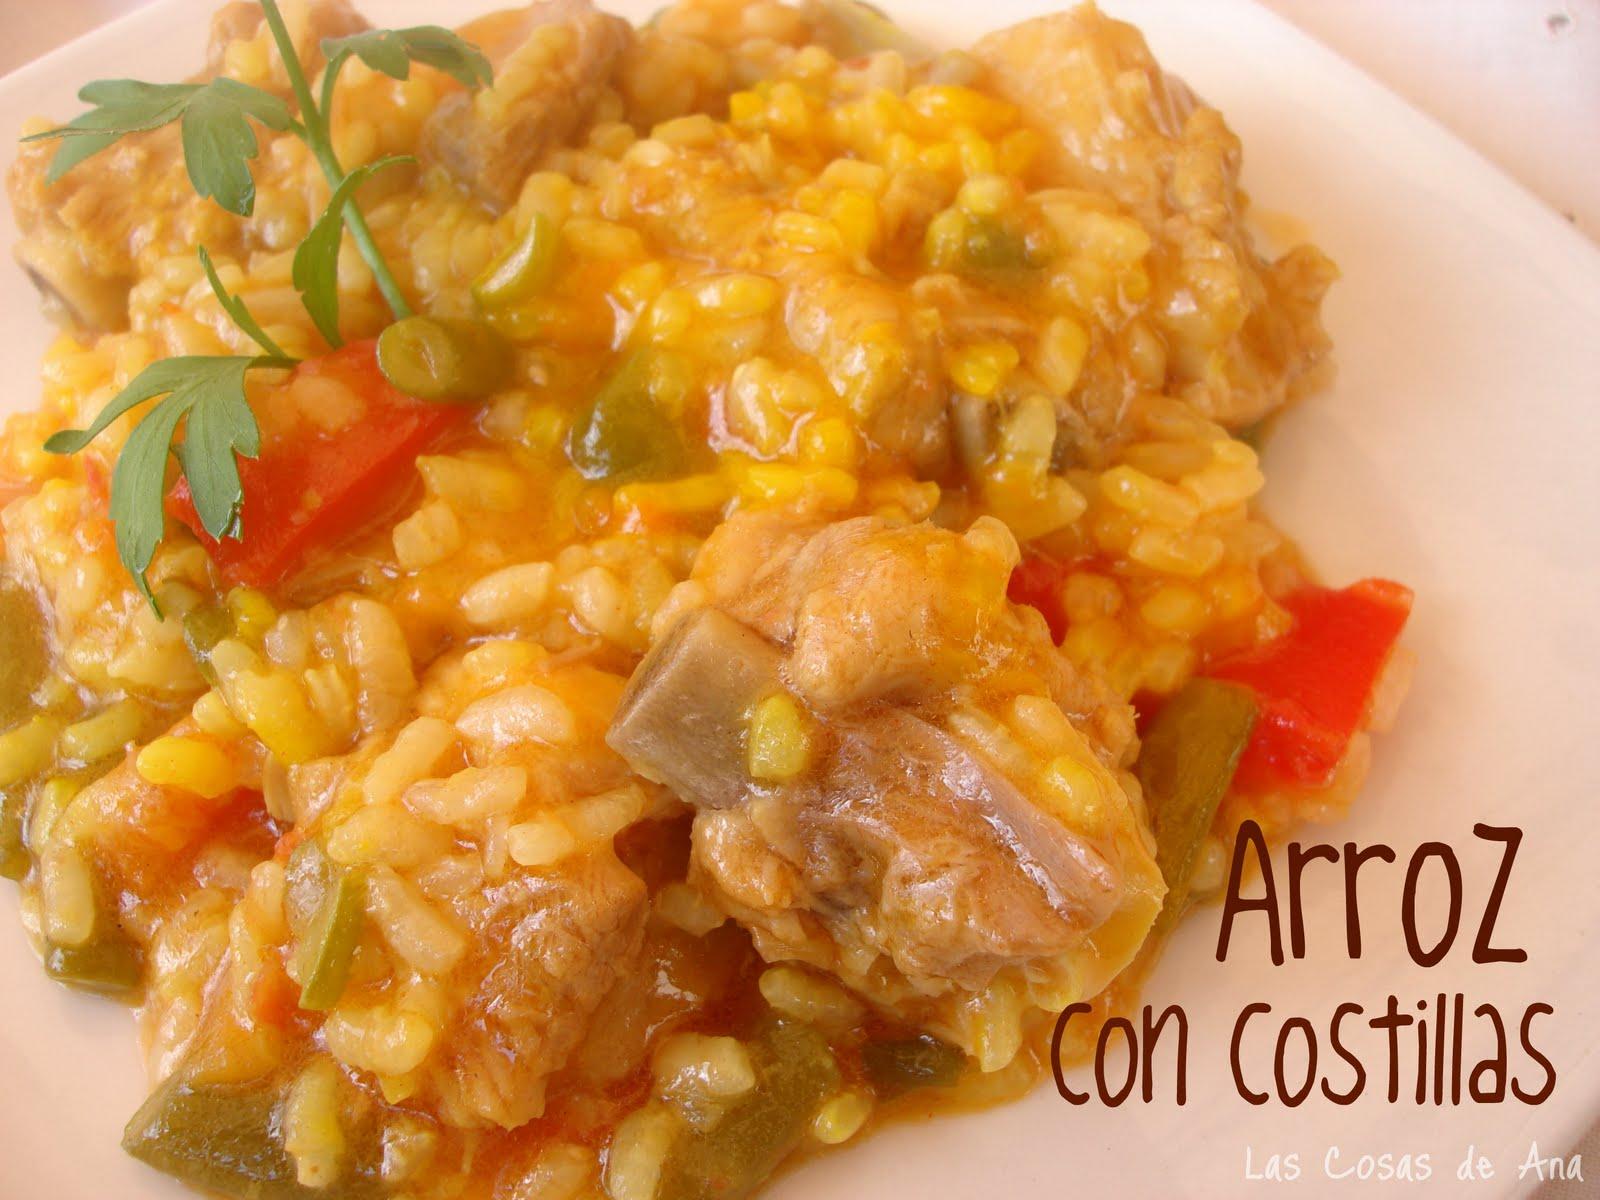 Las cosas de ana arroz con costillas - Arroz con verduras y costillas ...